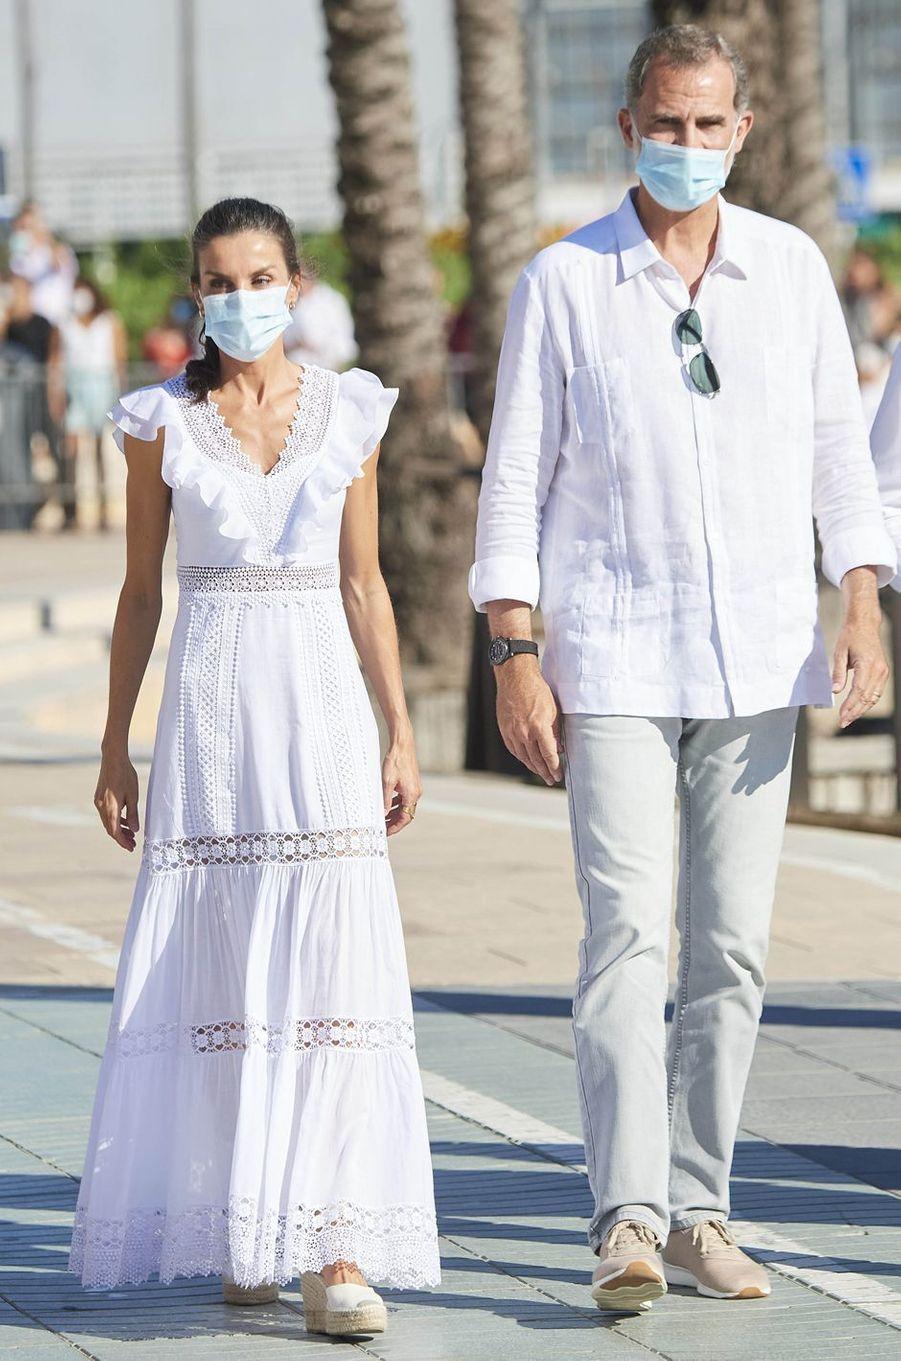 La reine Letizia d'Espagne dans une robe Charo Ruiz Ibiza sur l'île d'Ibiza, le 17 août 2020